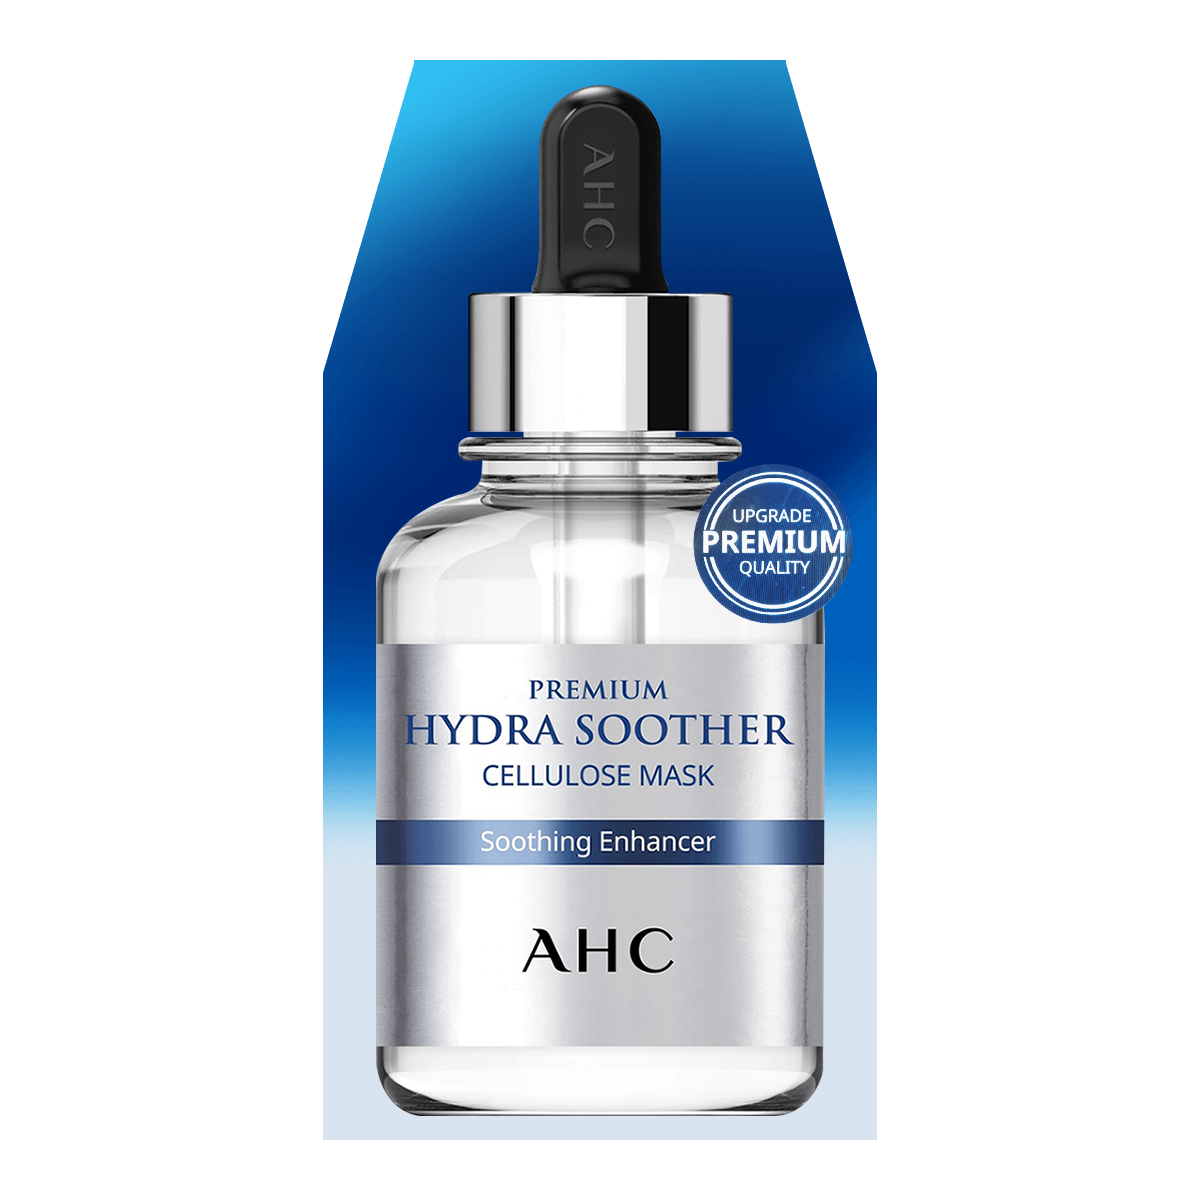 韩国A.H.C 玻尿酸安瓶精华天丝纤维面膜 5片入